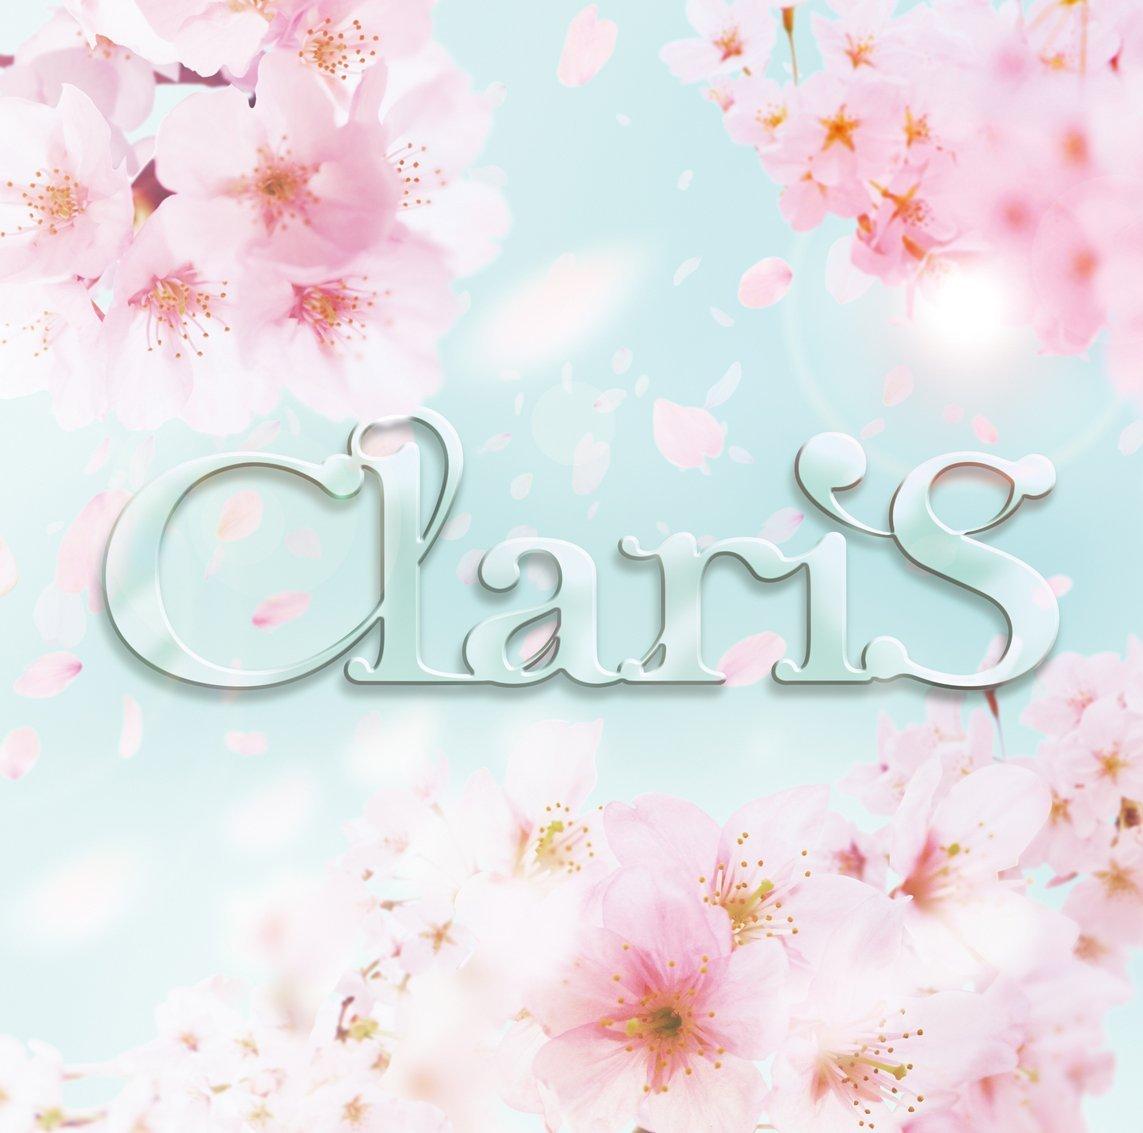 ClariS 春のうた